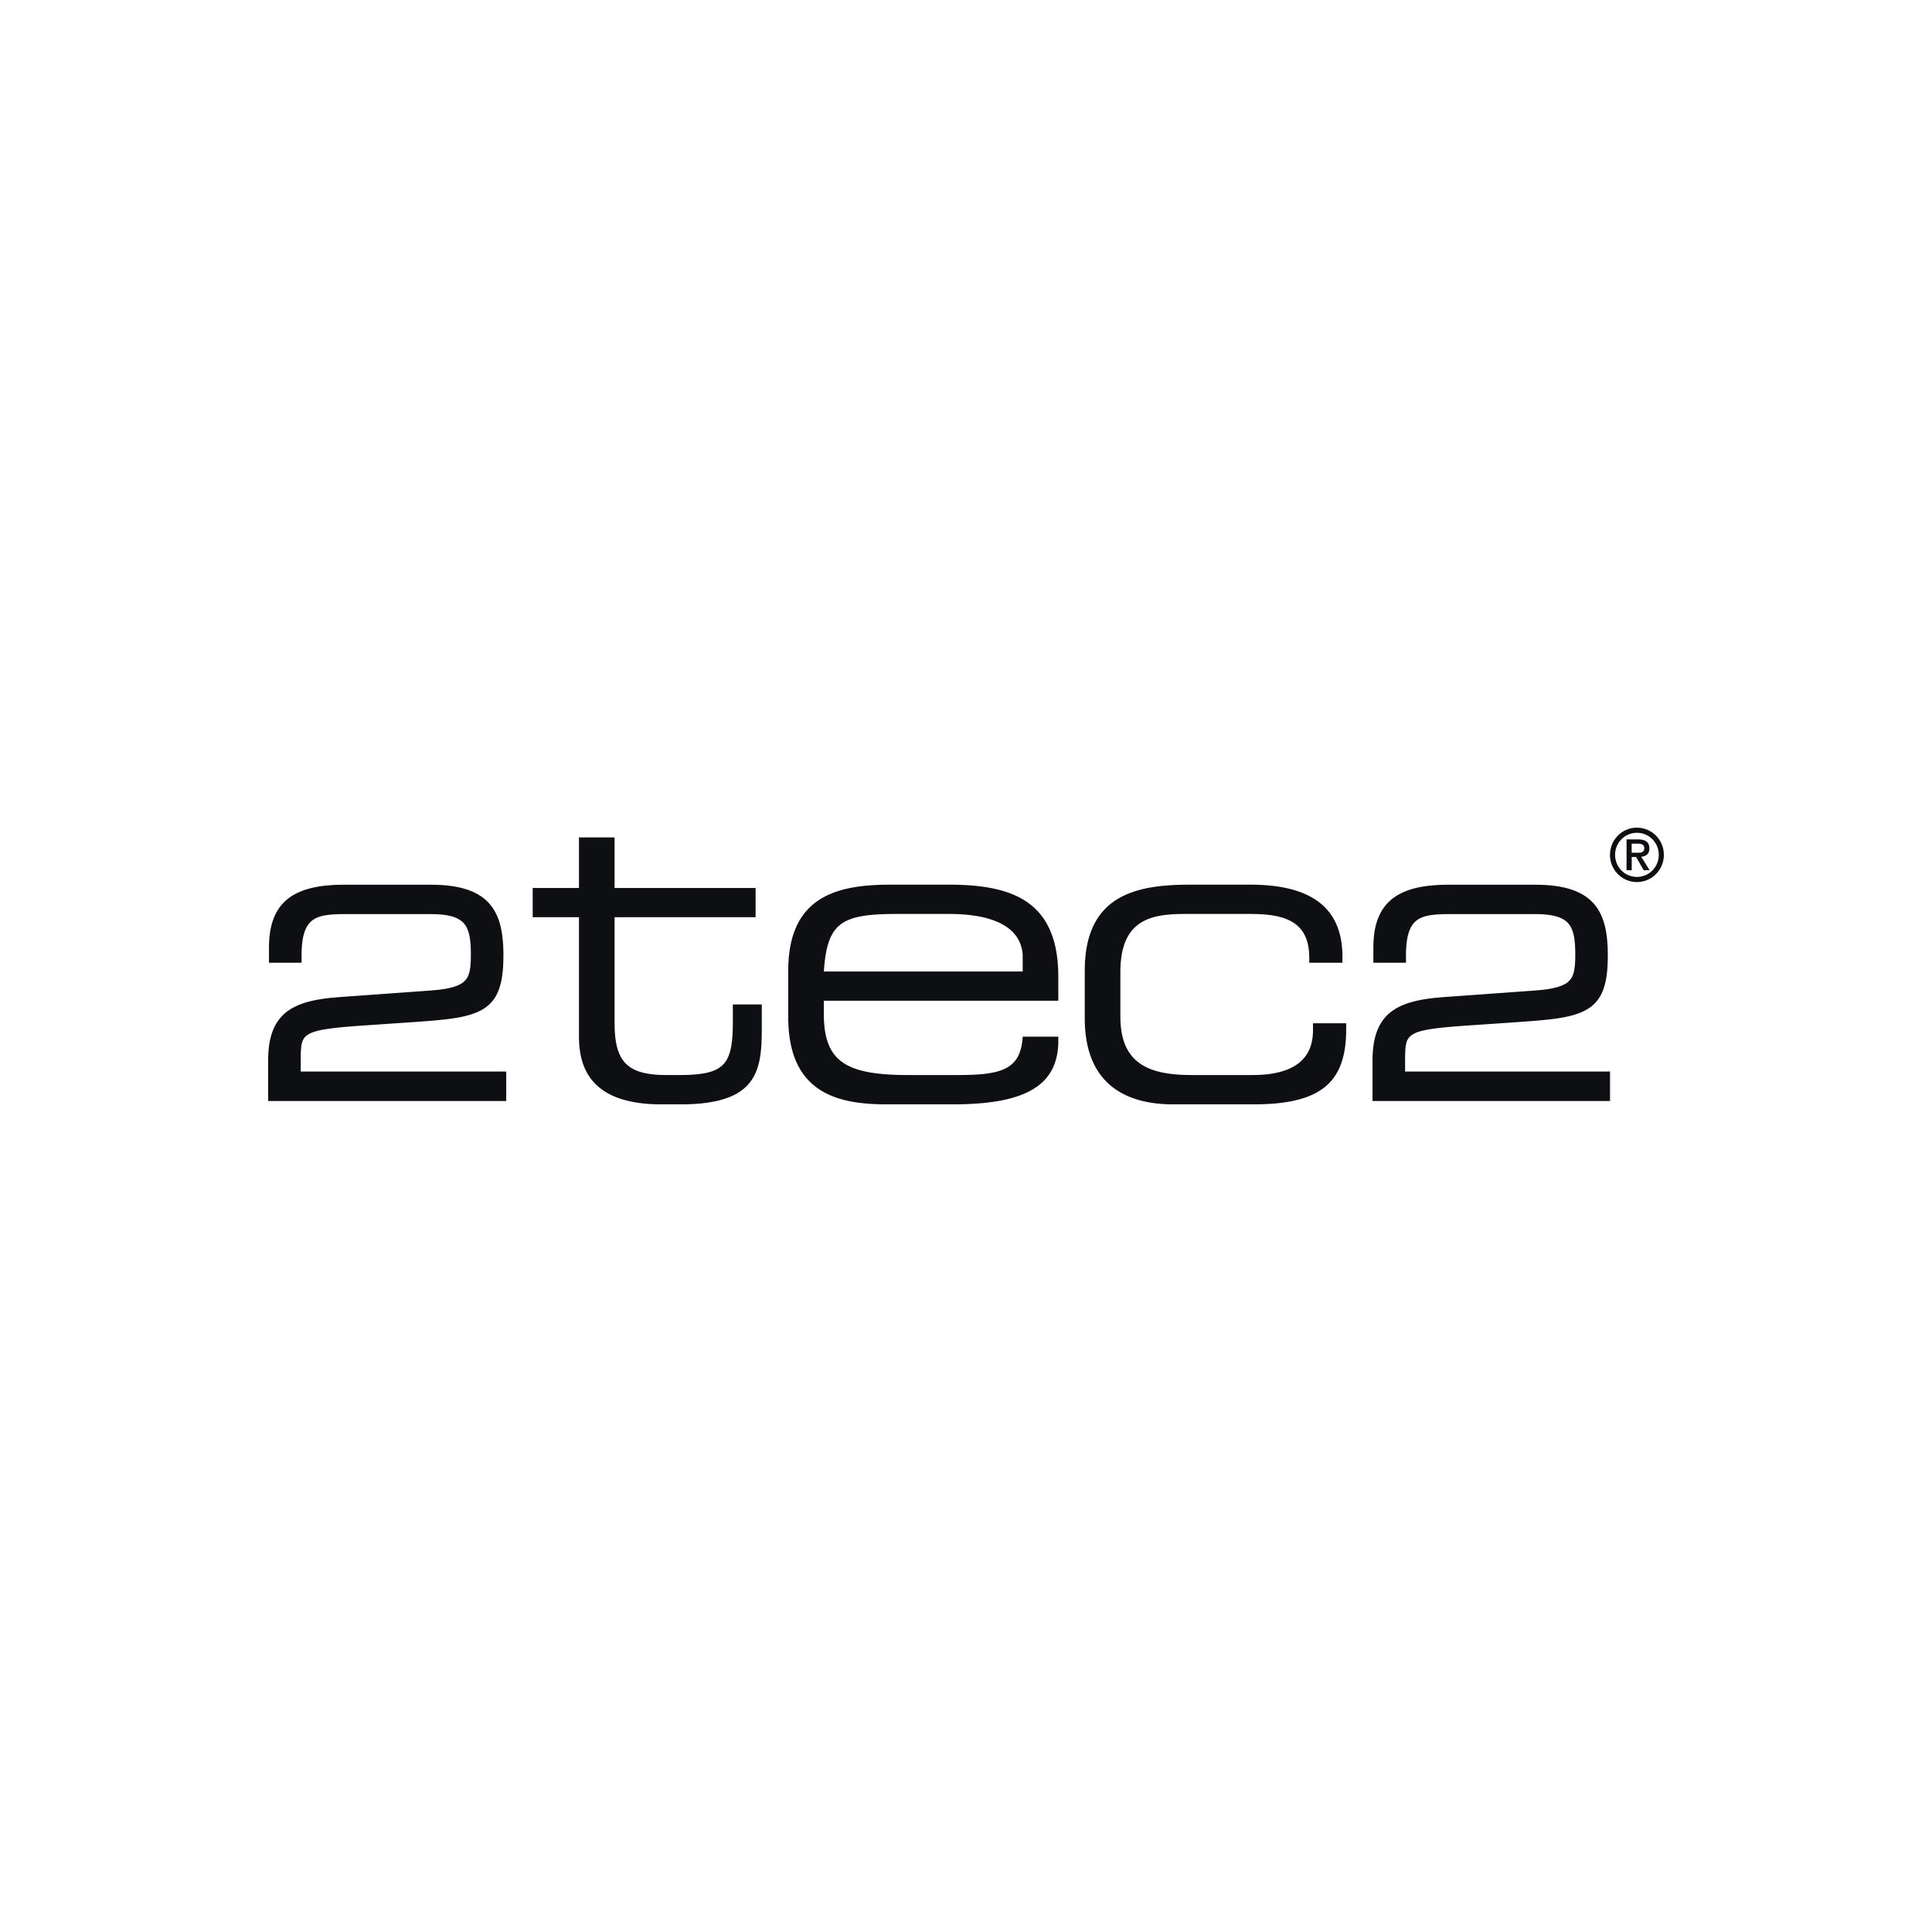 2tec2-logo.png